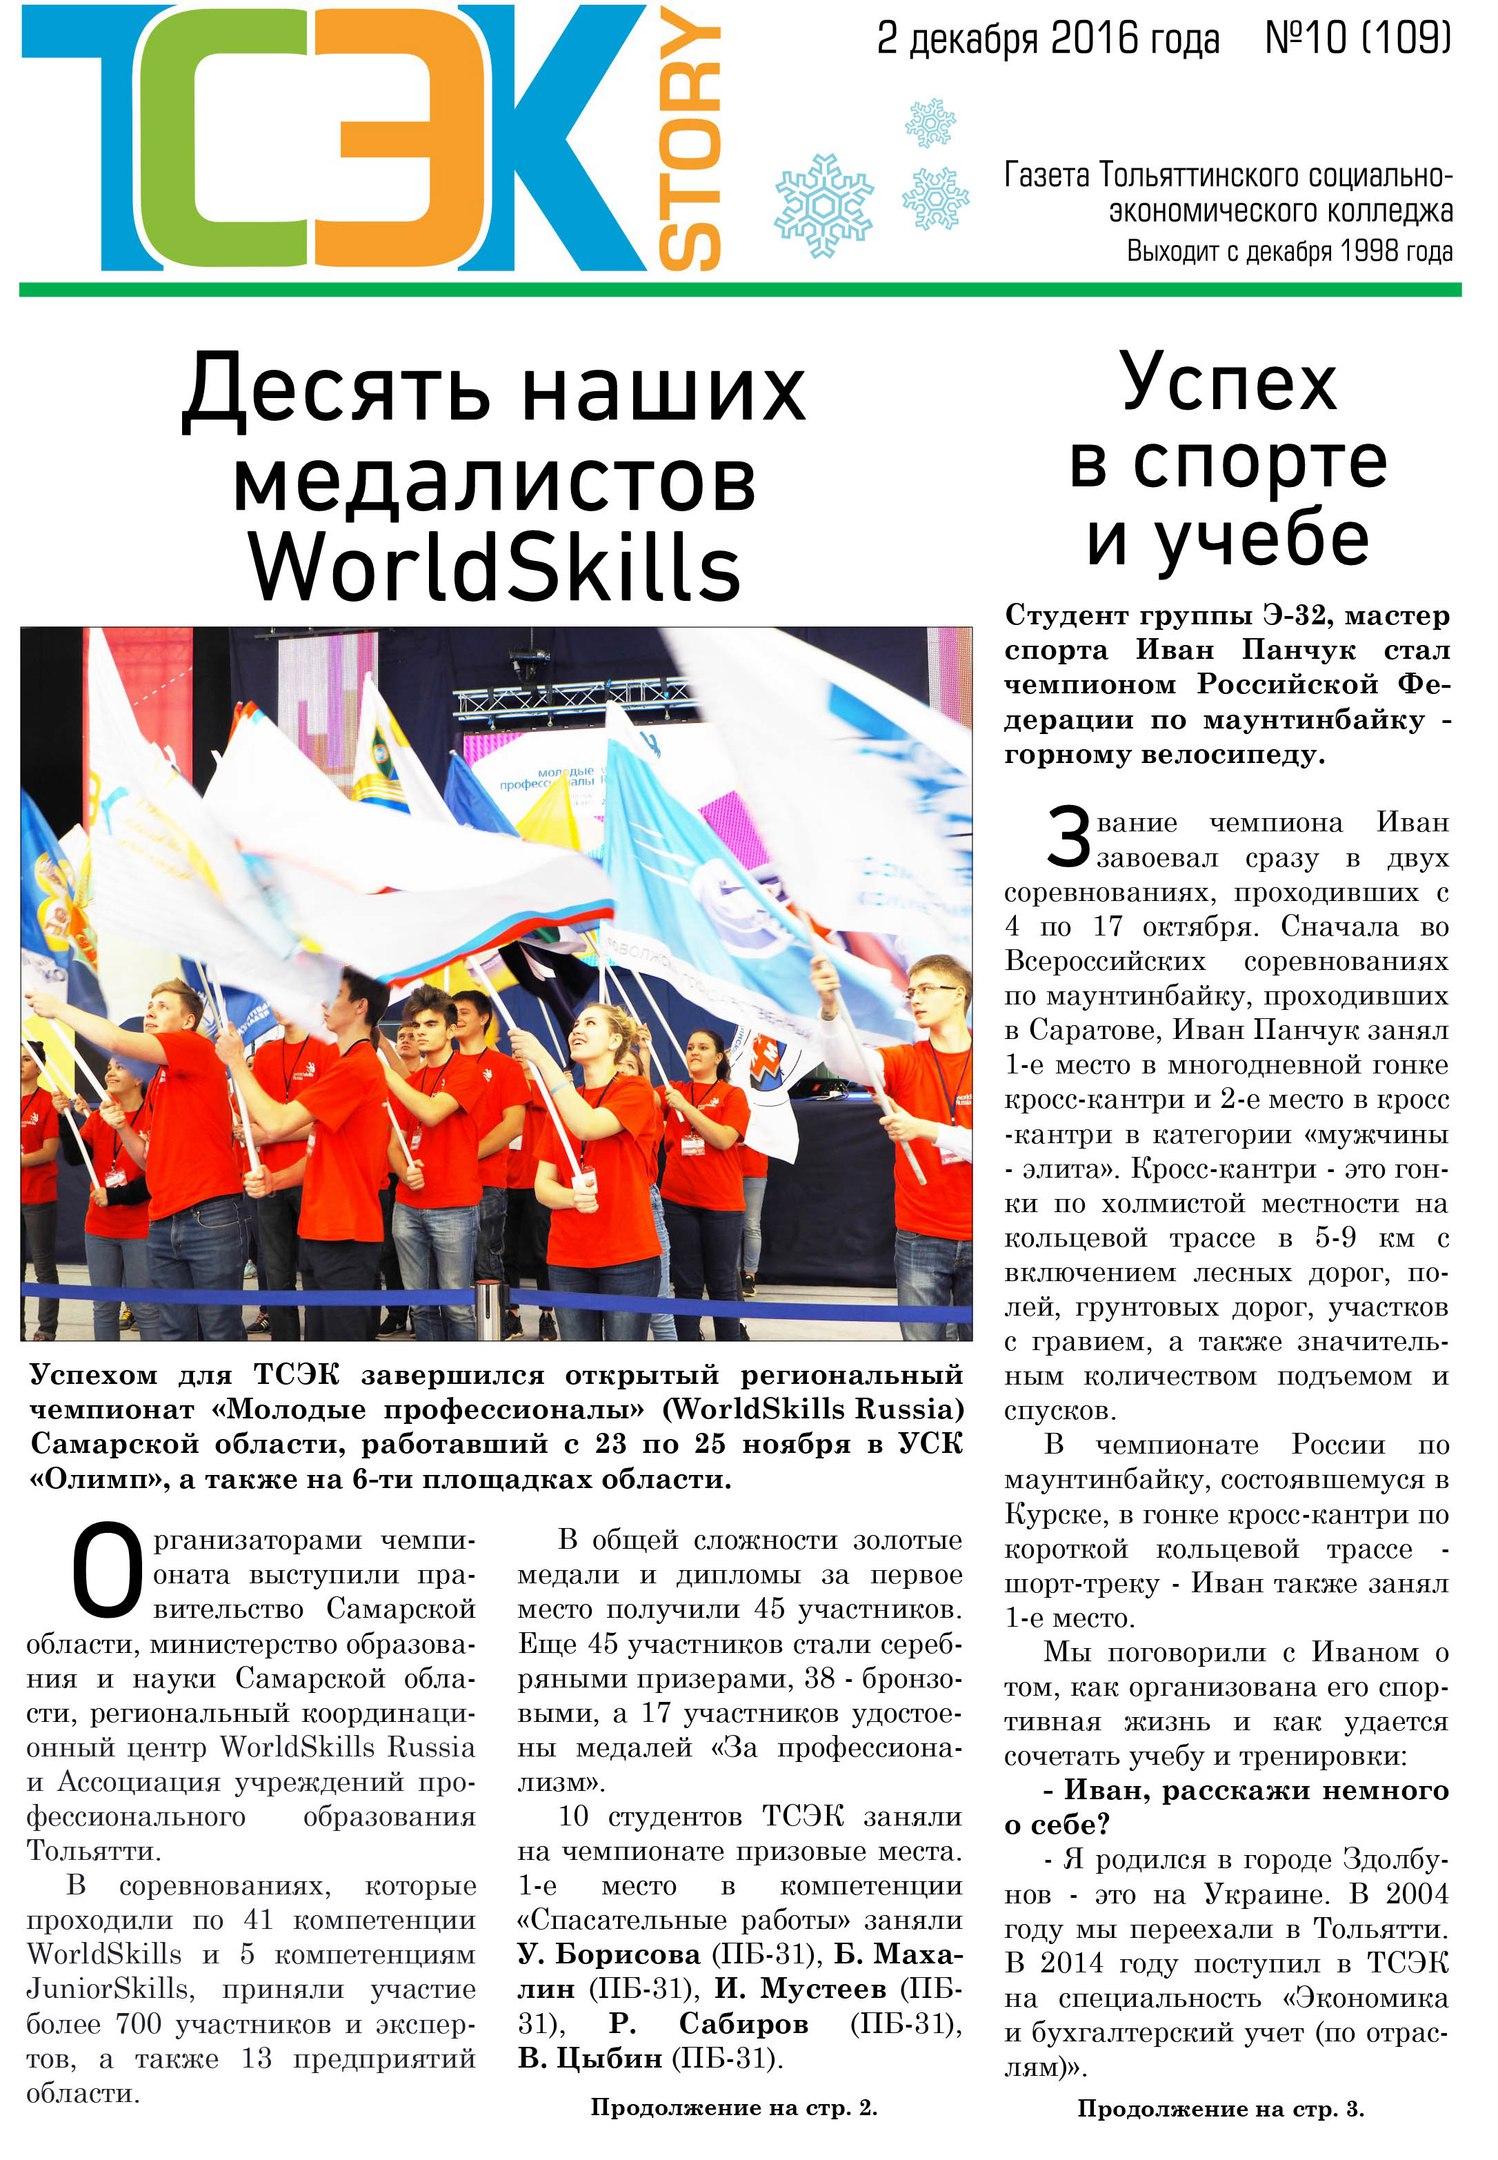 ТСЭКstory №10 (109) от 02.12.2016